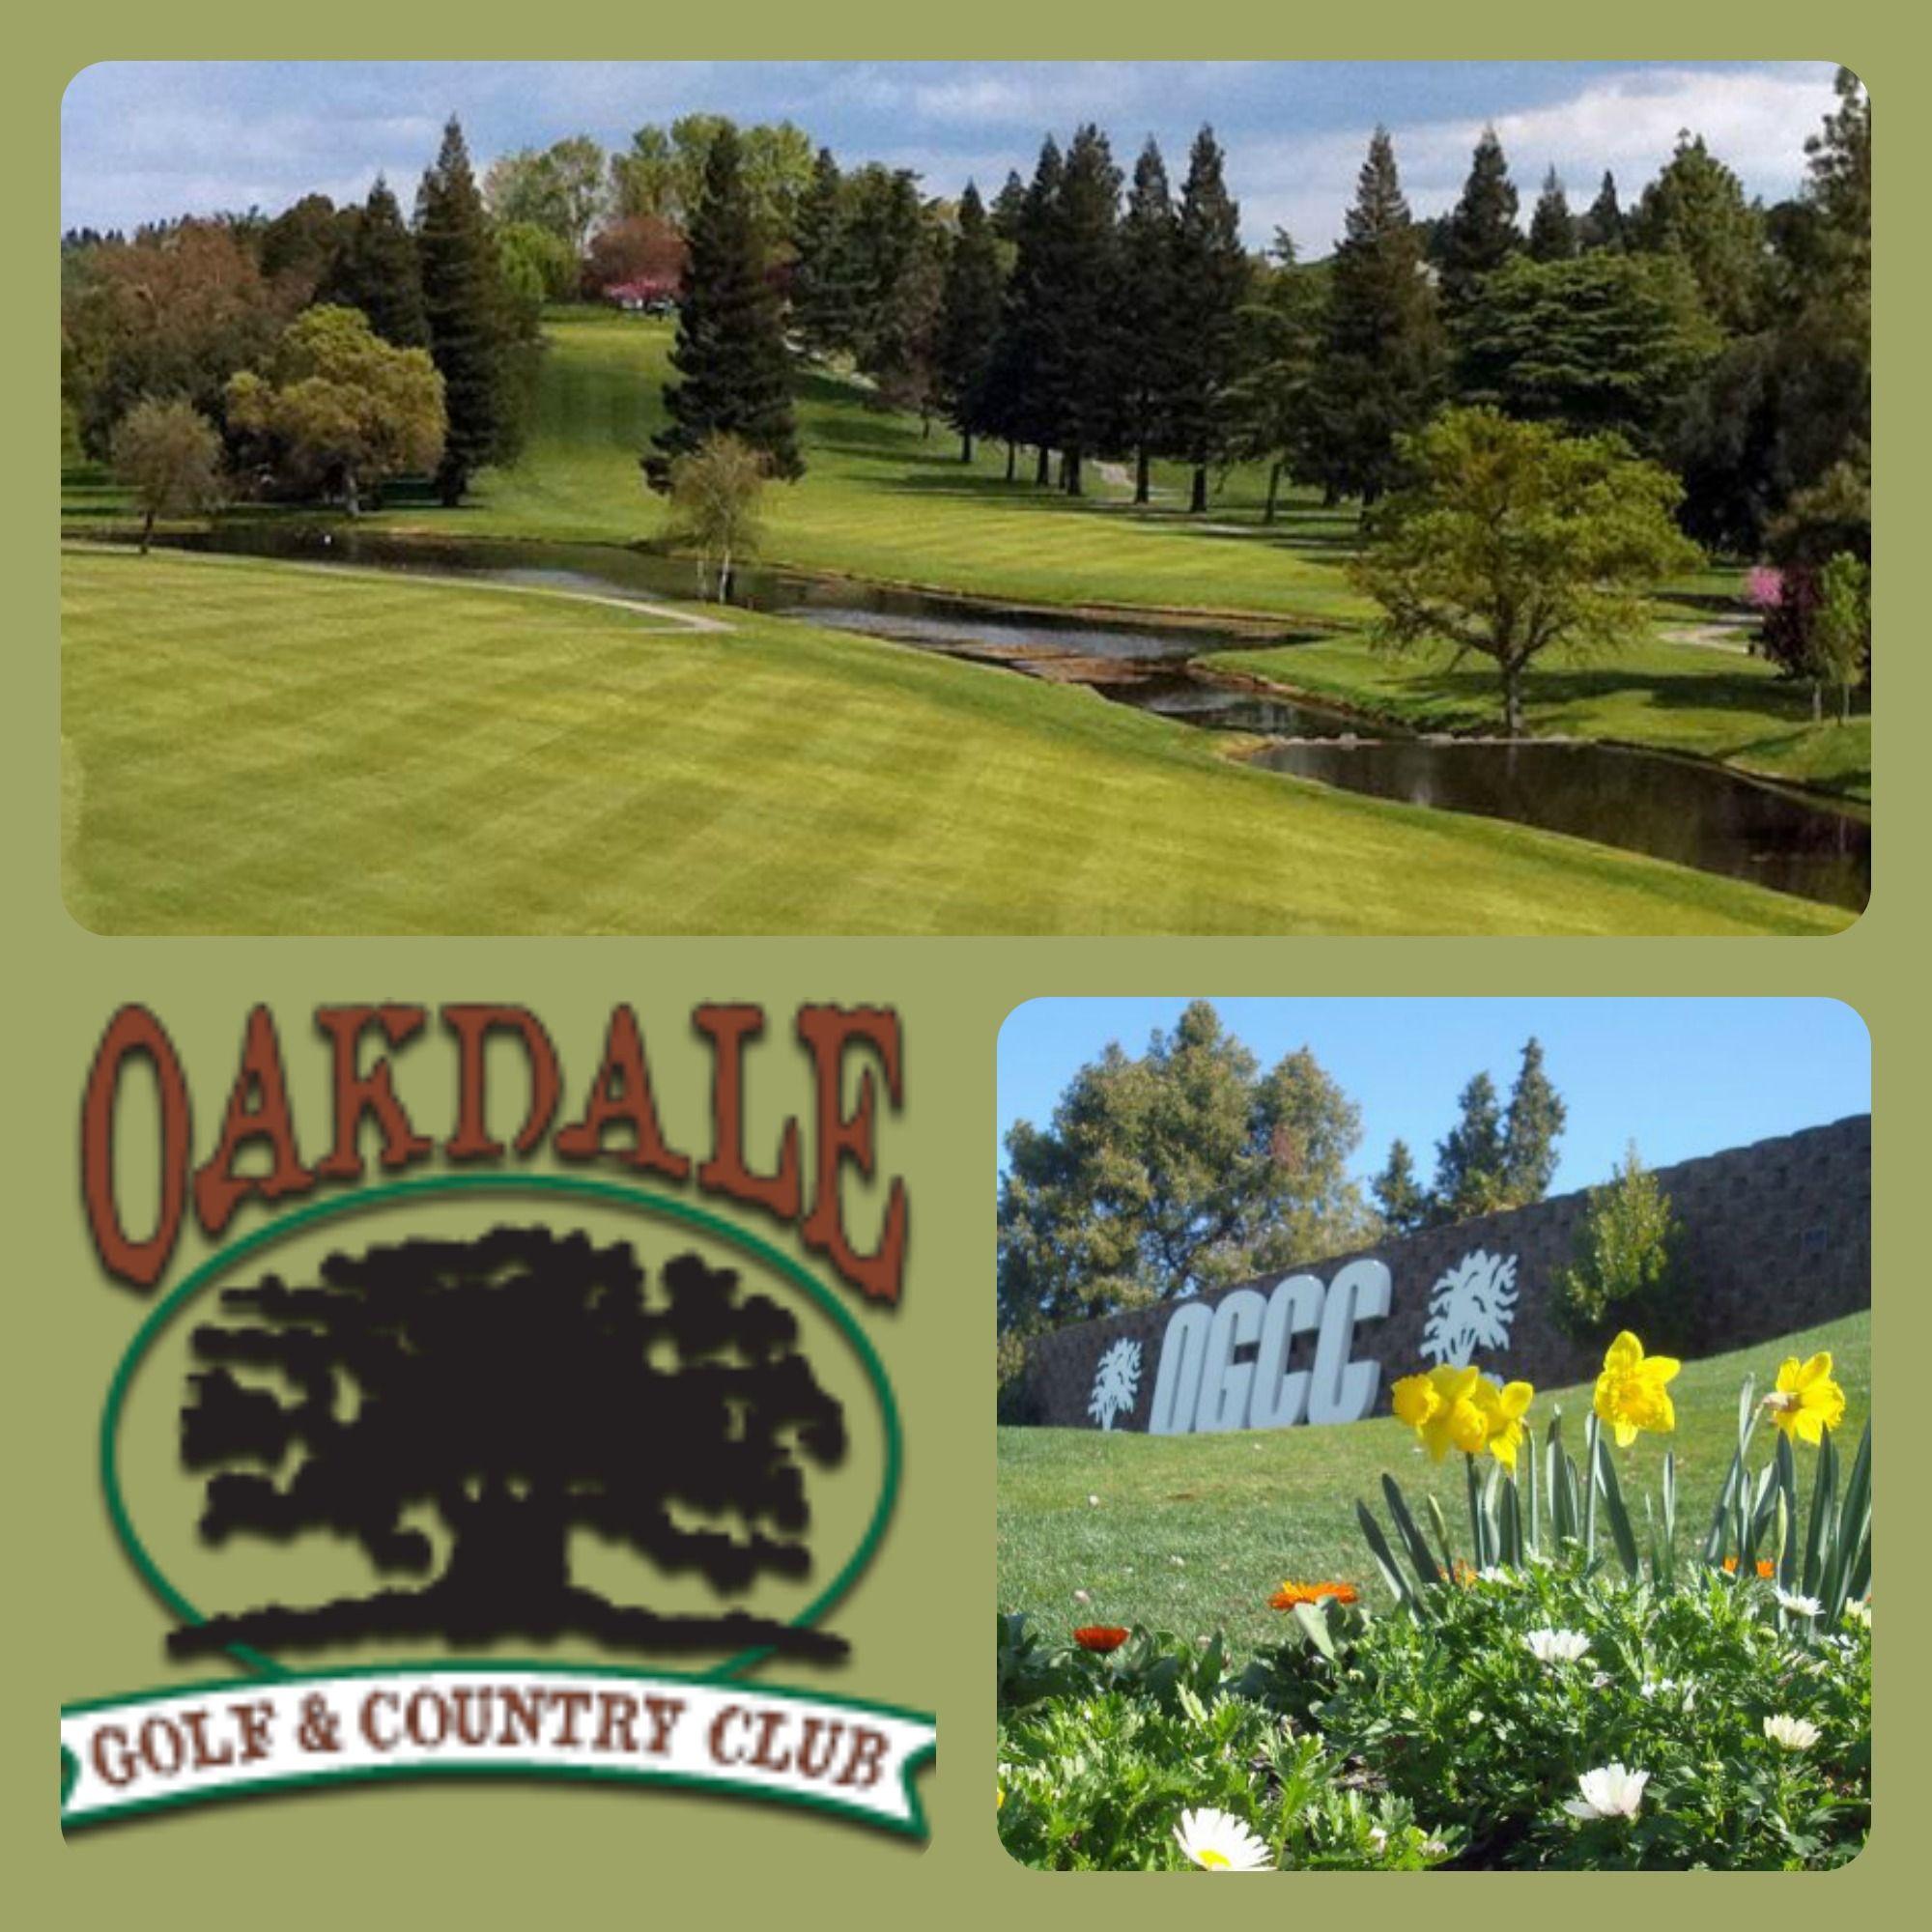 Oakdale Golf Country Club Http Www Oakdalegcc Org Golf Country Clubs Oakdale Golf